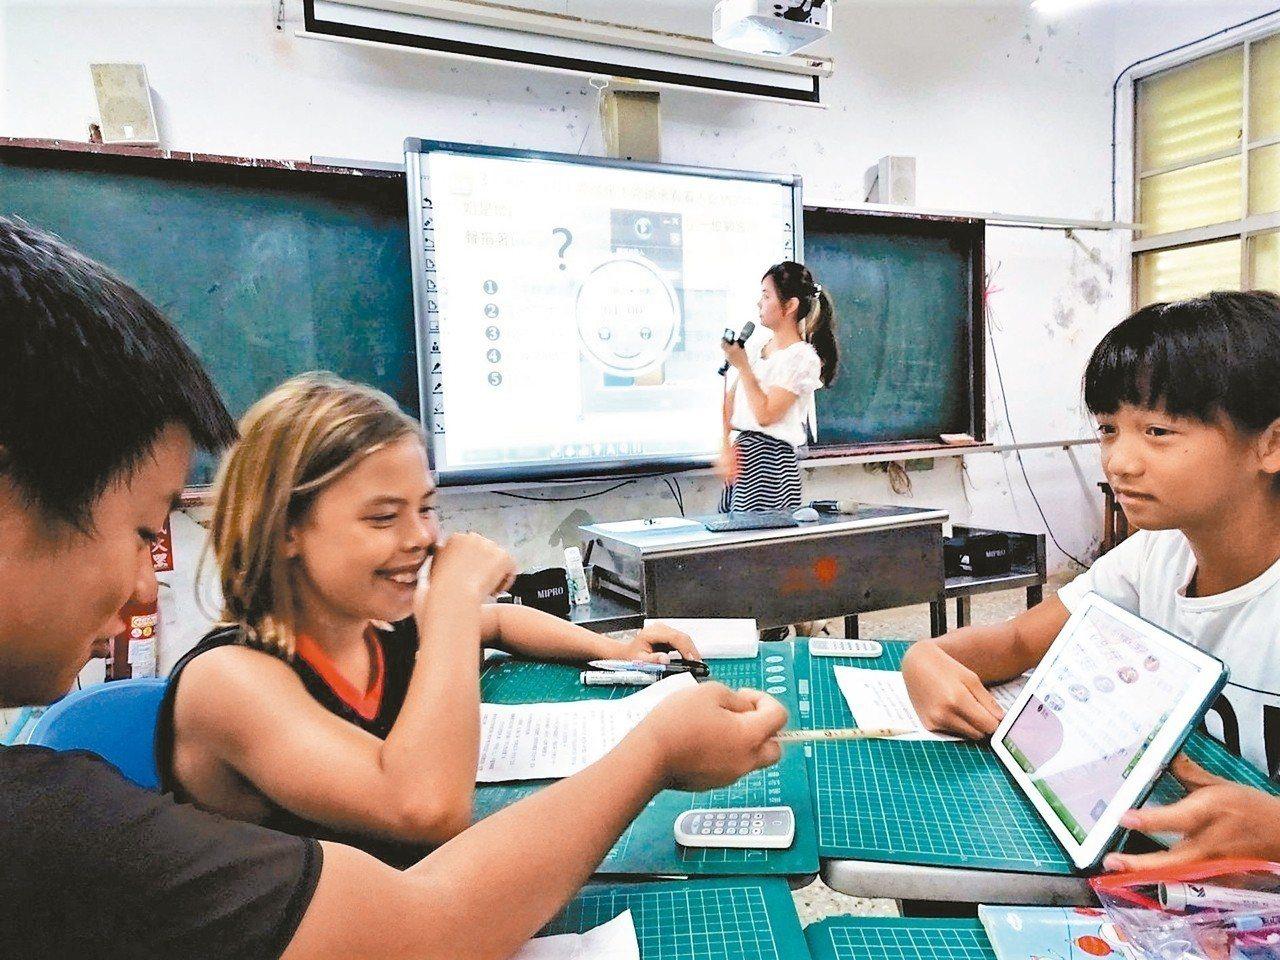 屏東縣政府在恆春水泉國小成立智慧學習基地,老師以電子看板當教學工具,與學生操作平...